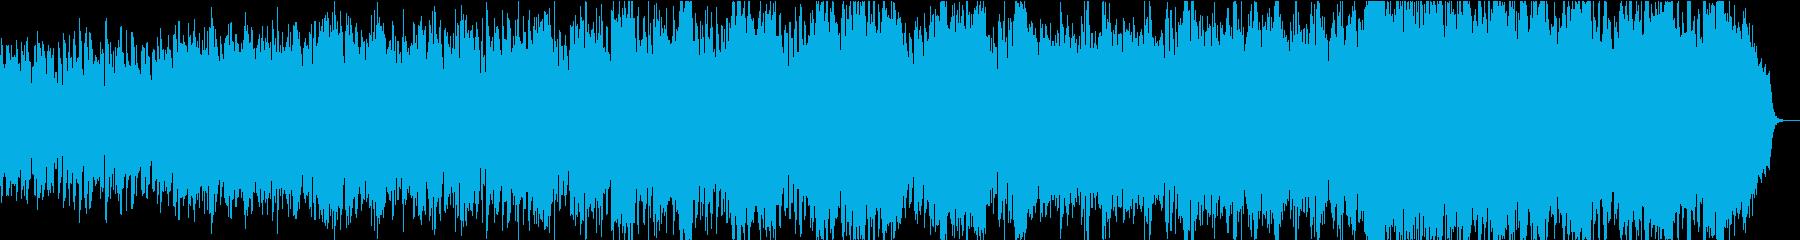 優しくつつむ感動ピアノ:全楽器の再生済みの波形